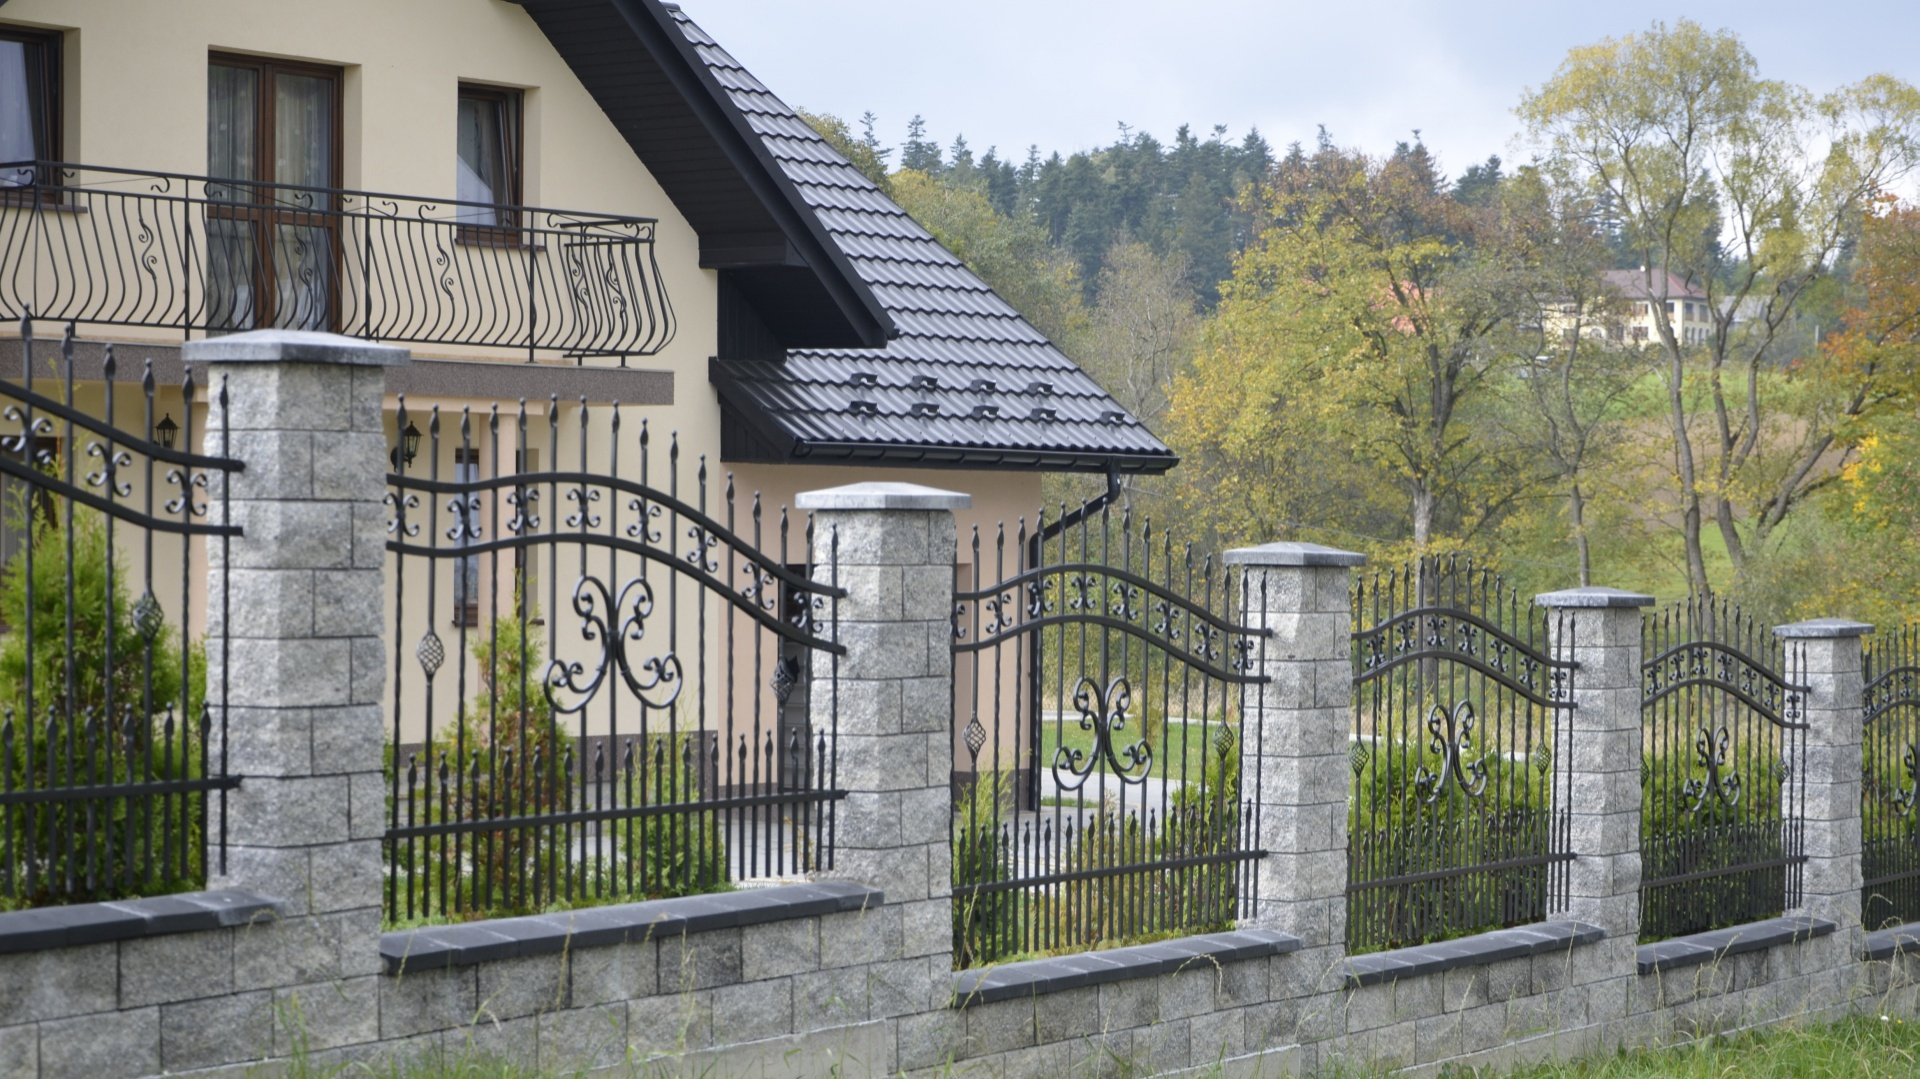 Ogrodzenia łupane GORC de Luxe GL38 są większym odpowiednikiem ogrodzenia betonowego GORC de Luxe GL22. Identyczna kolorystyka i faktura powierzchni w każdym z tych systemów ogrodzeniowych oraz ta sama wysokość elementów (16 cm) umożliwia łączenie ich w jedno ogrodzenie. Najbardziej popularnym rozwiązaniem jest zastosowanie słupków Gorc de Luxe GL38 oraz podmurówki Gorc de Luxe GL22. Ogrodzenie budowane w takim układzie nabiera dostojności i majestatu. Fot. Joniec.